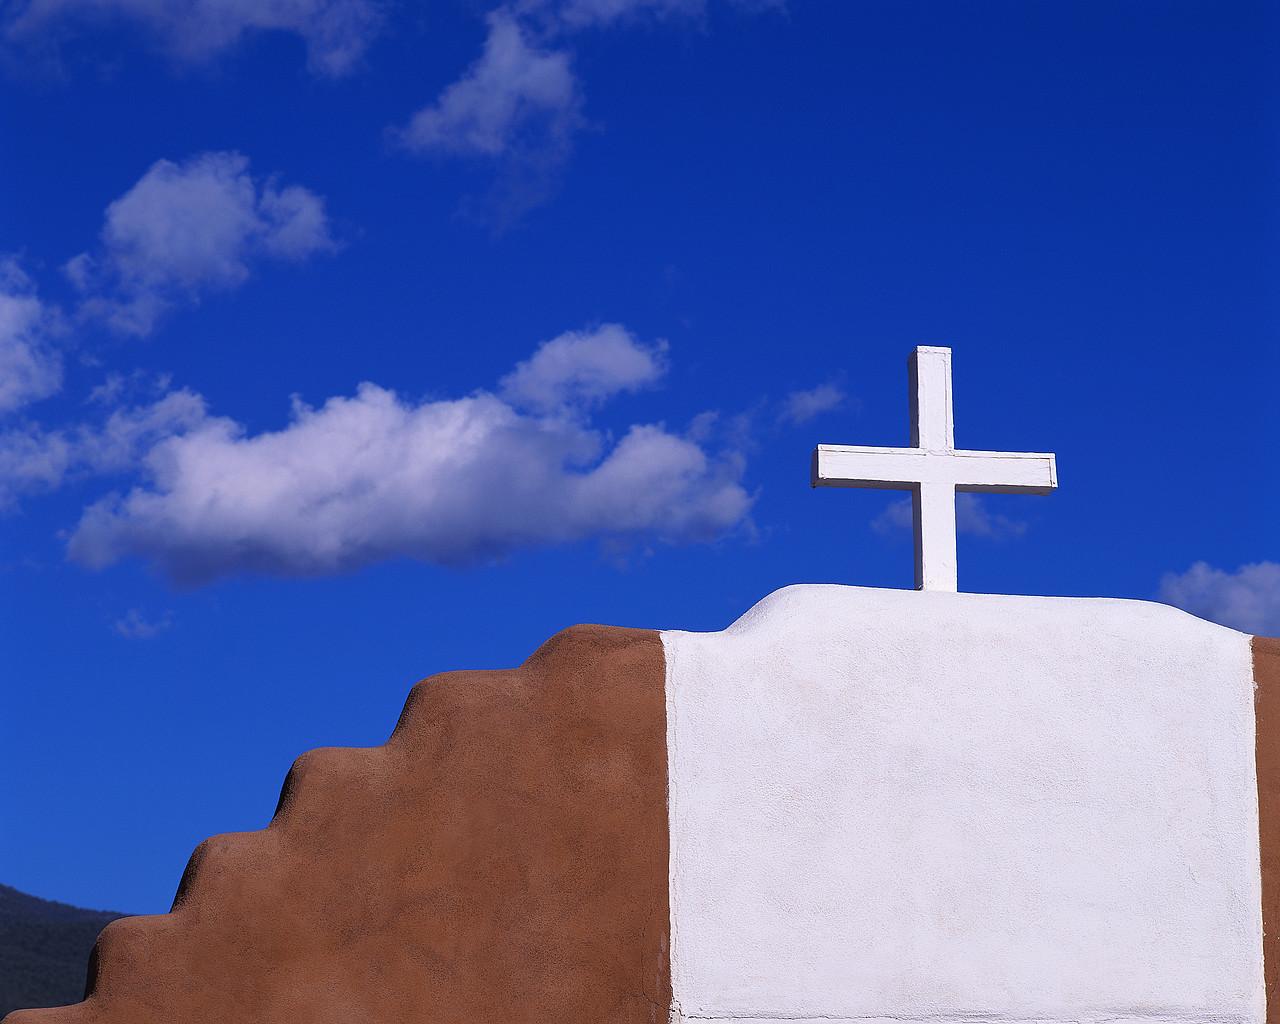 Cross on Church and Sky